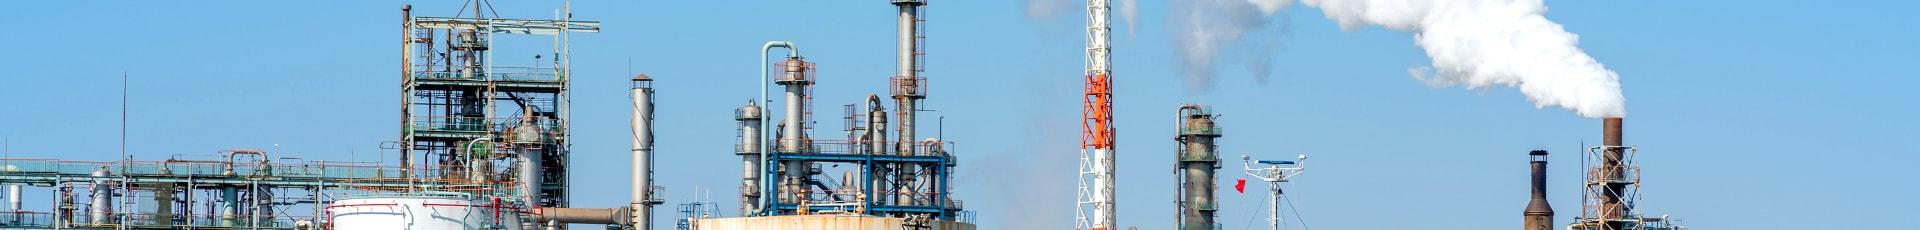 製油所の安全安定運転の支援